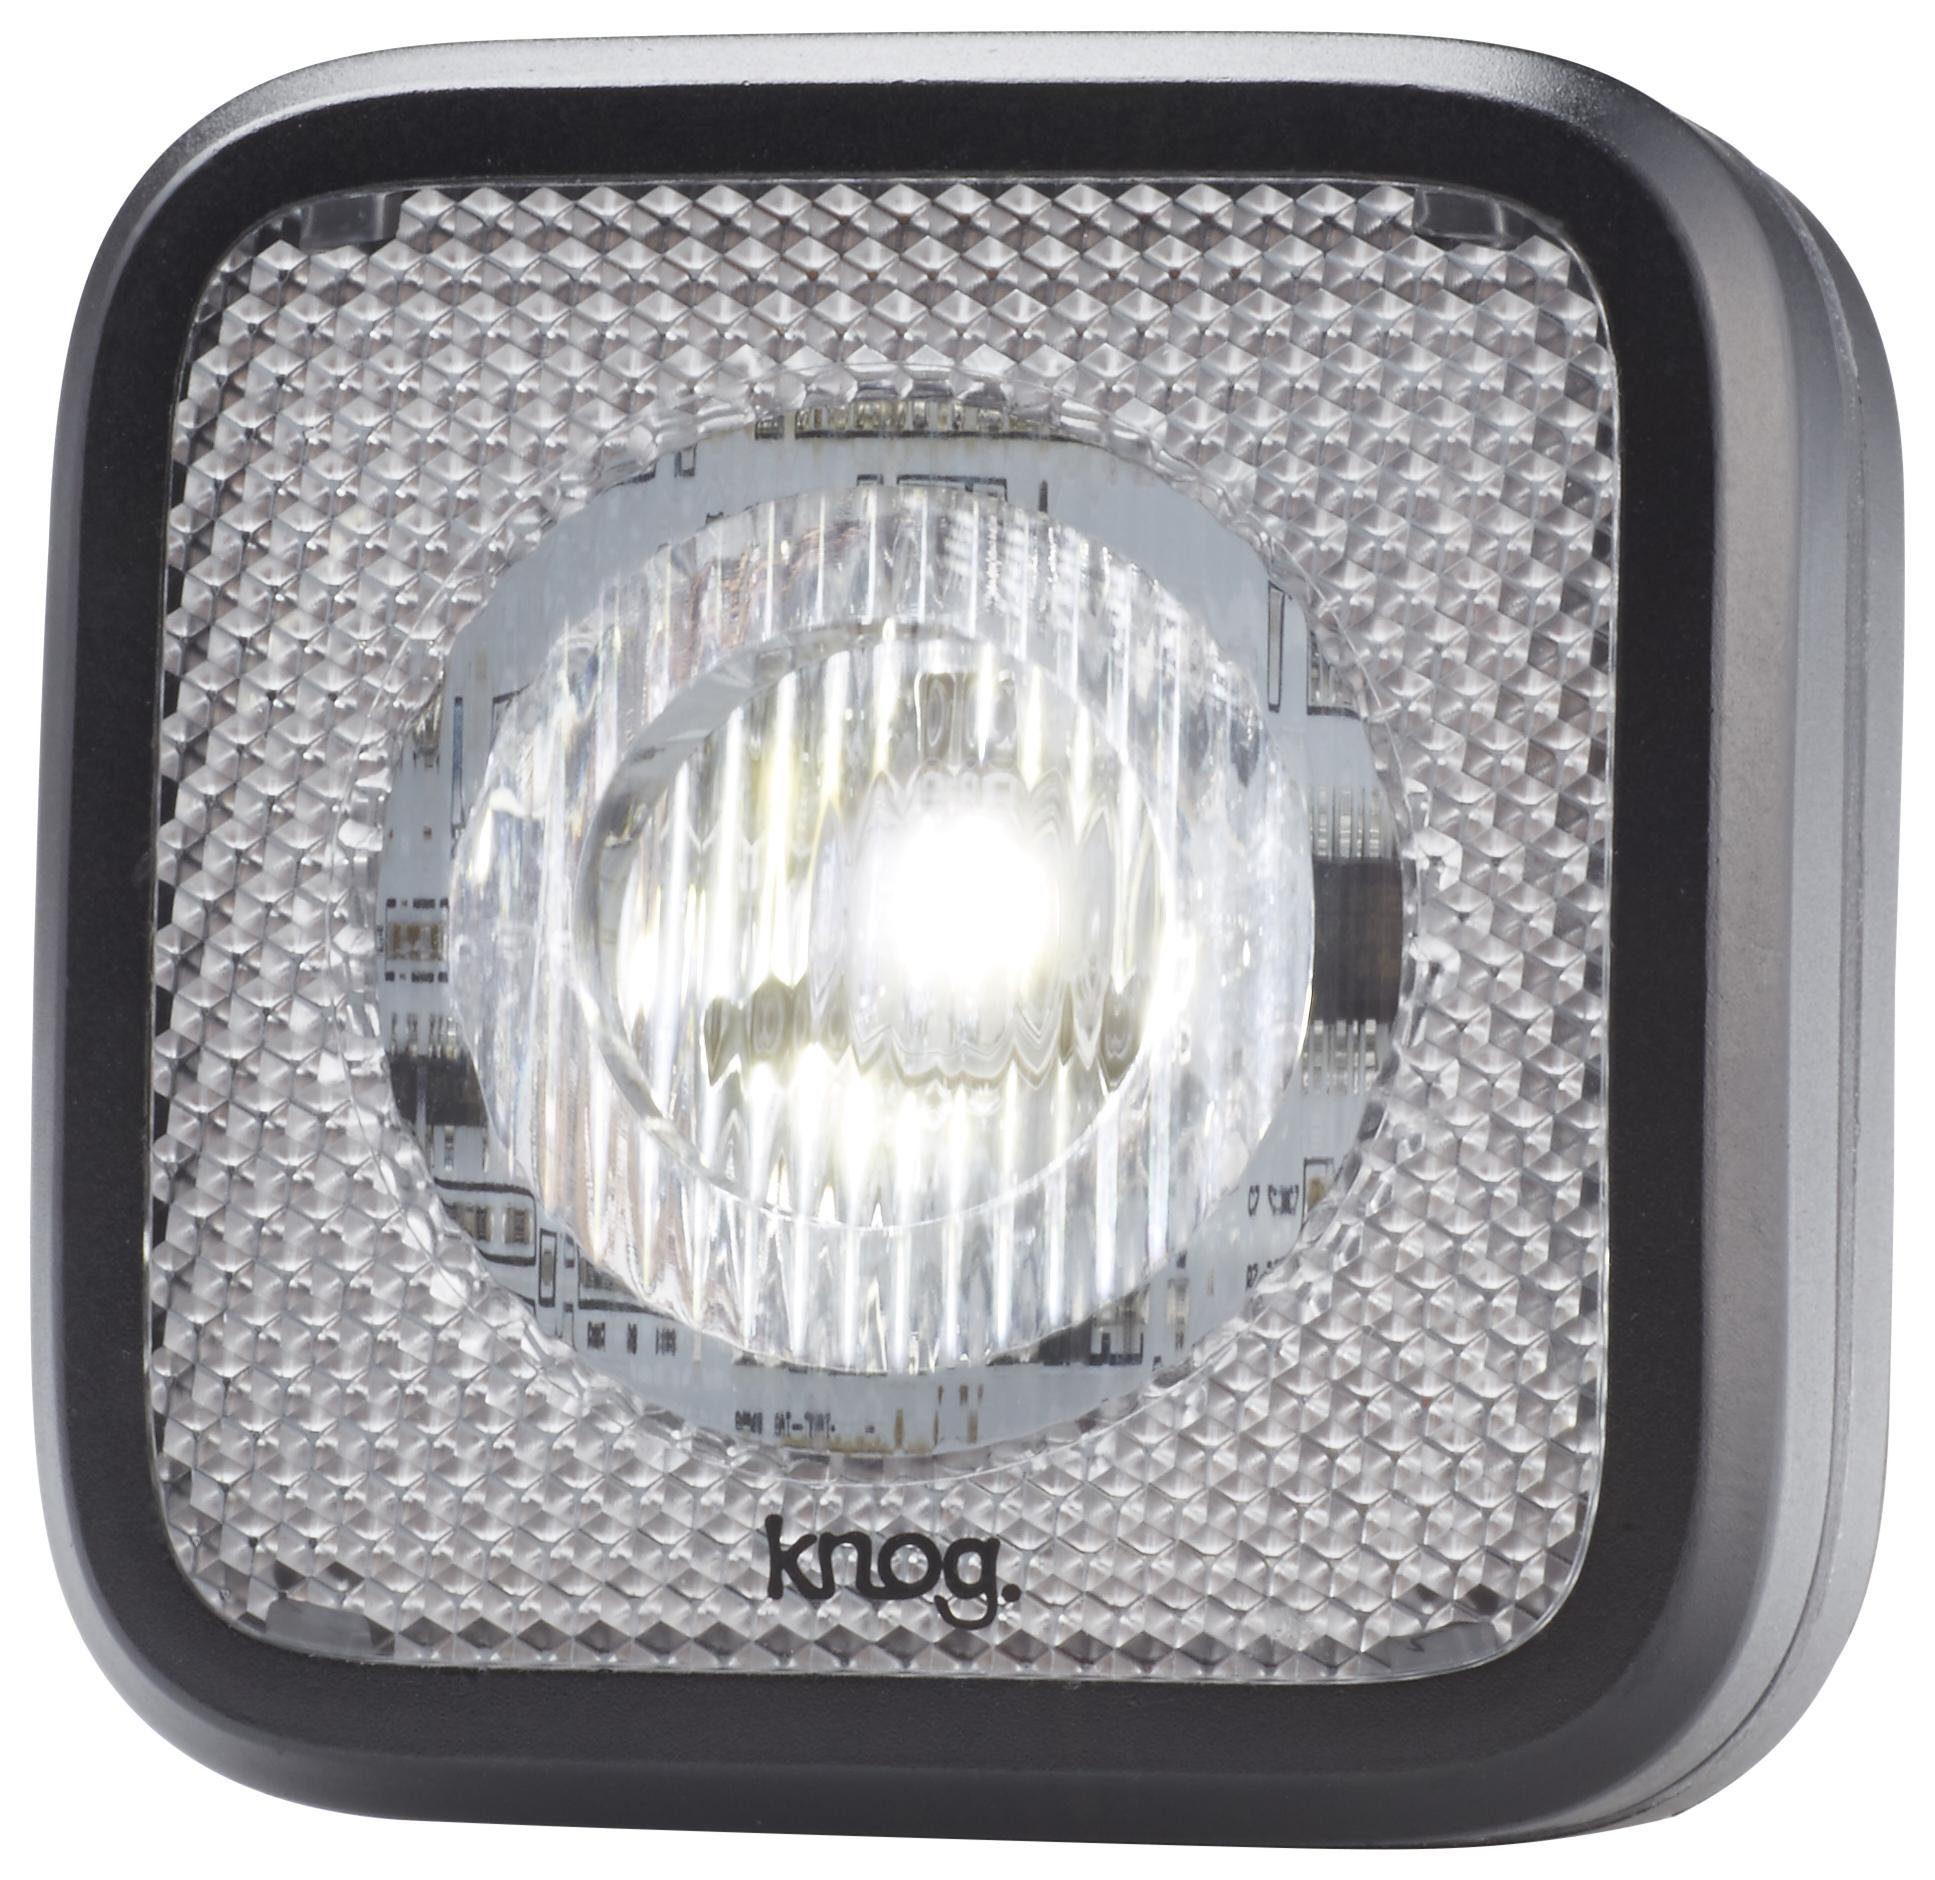 Knog Fahrradbeleuchtung »Knog Blinder MOB Frontlicht StVZO weiße LED«